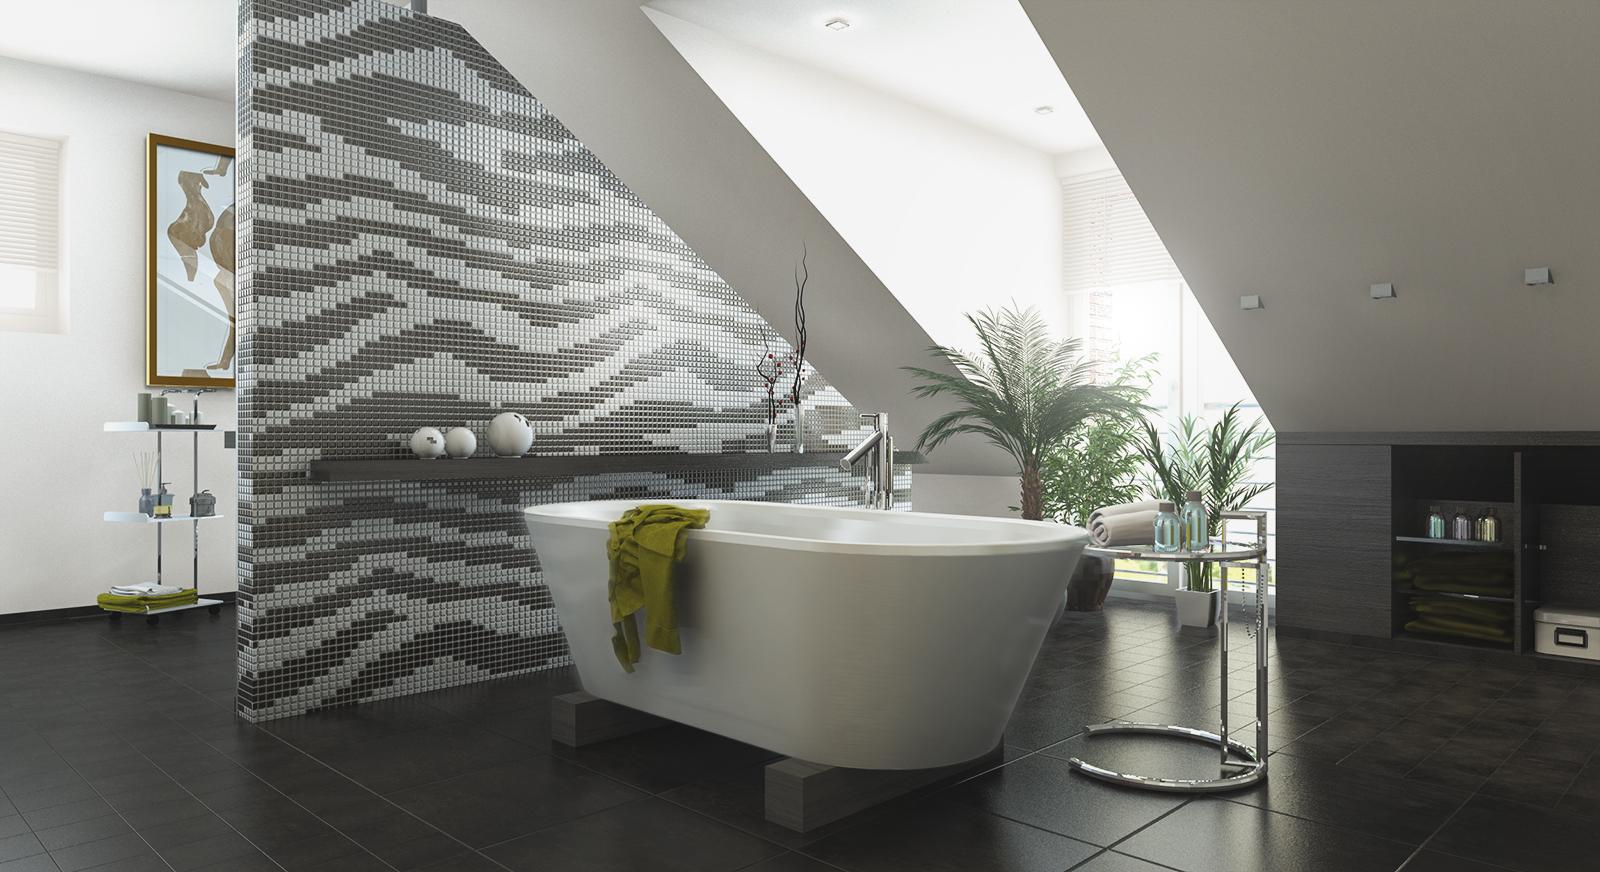 schwarz weiss und grautne bestimmen das ambiente die dusche setzt mit dem krftigem orange des wandbelages glasmosaik einen starken akzent - Dusche Unterm Dach